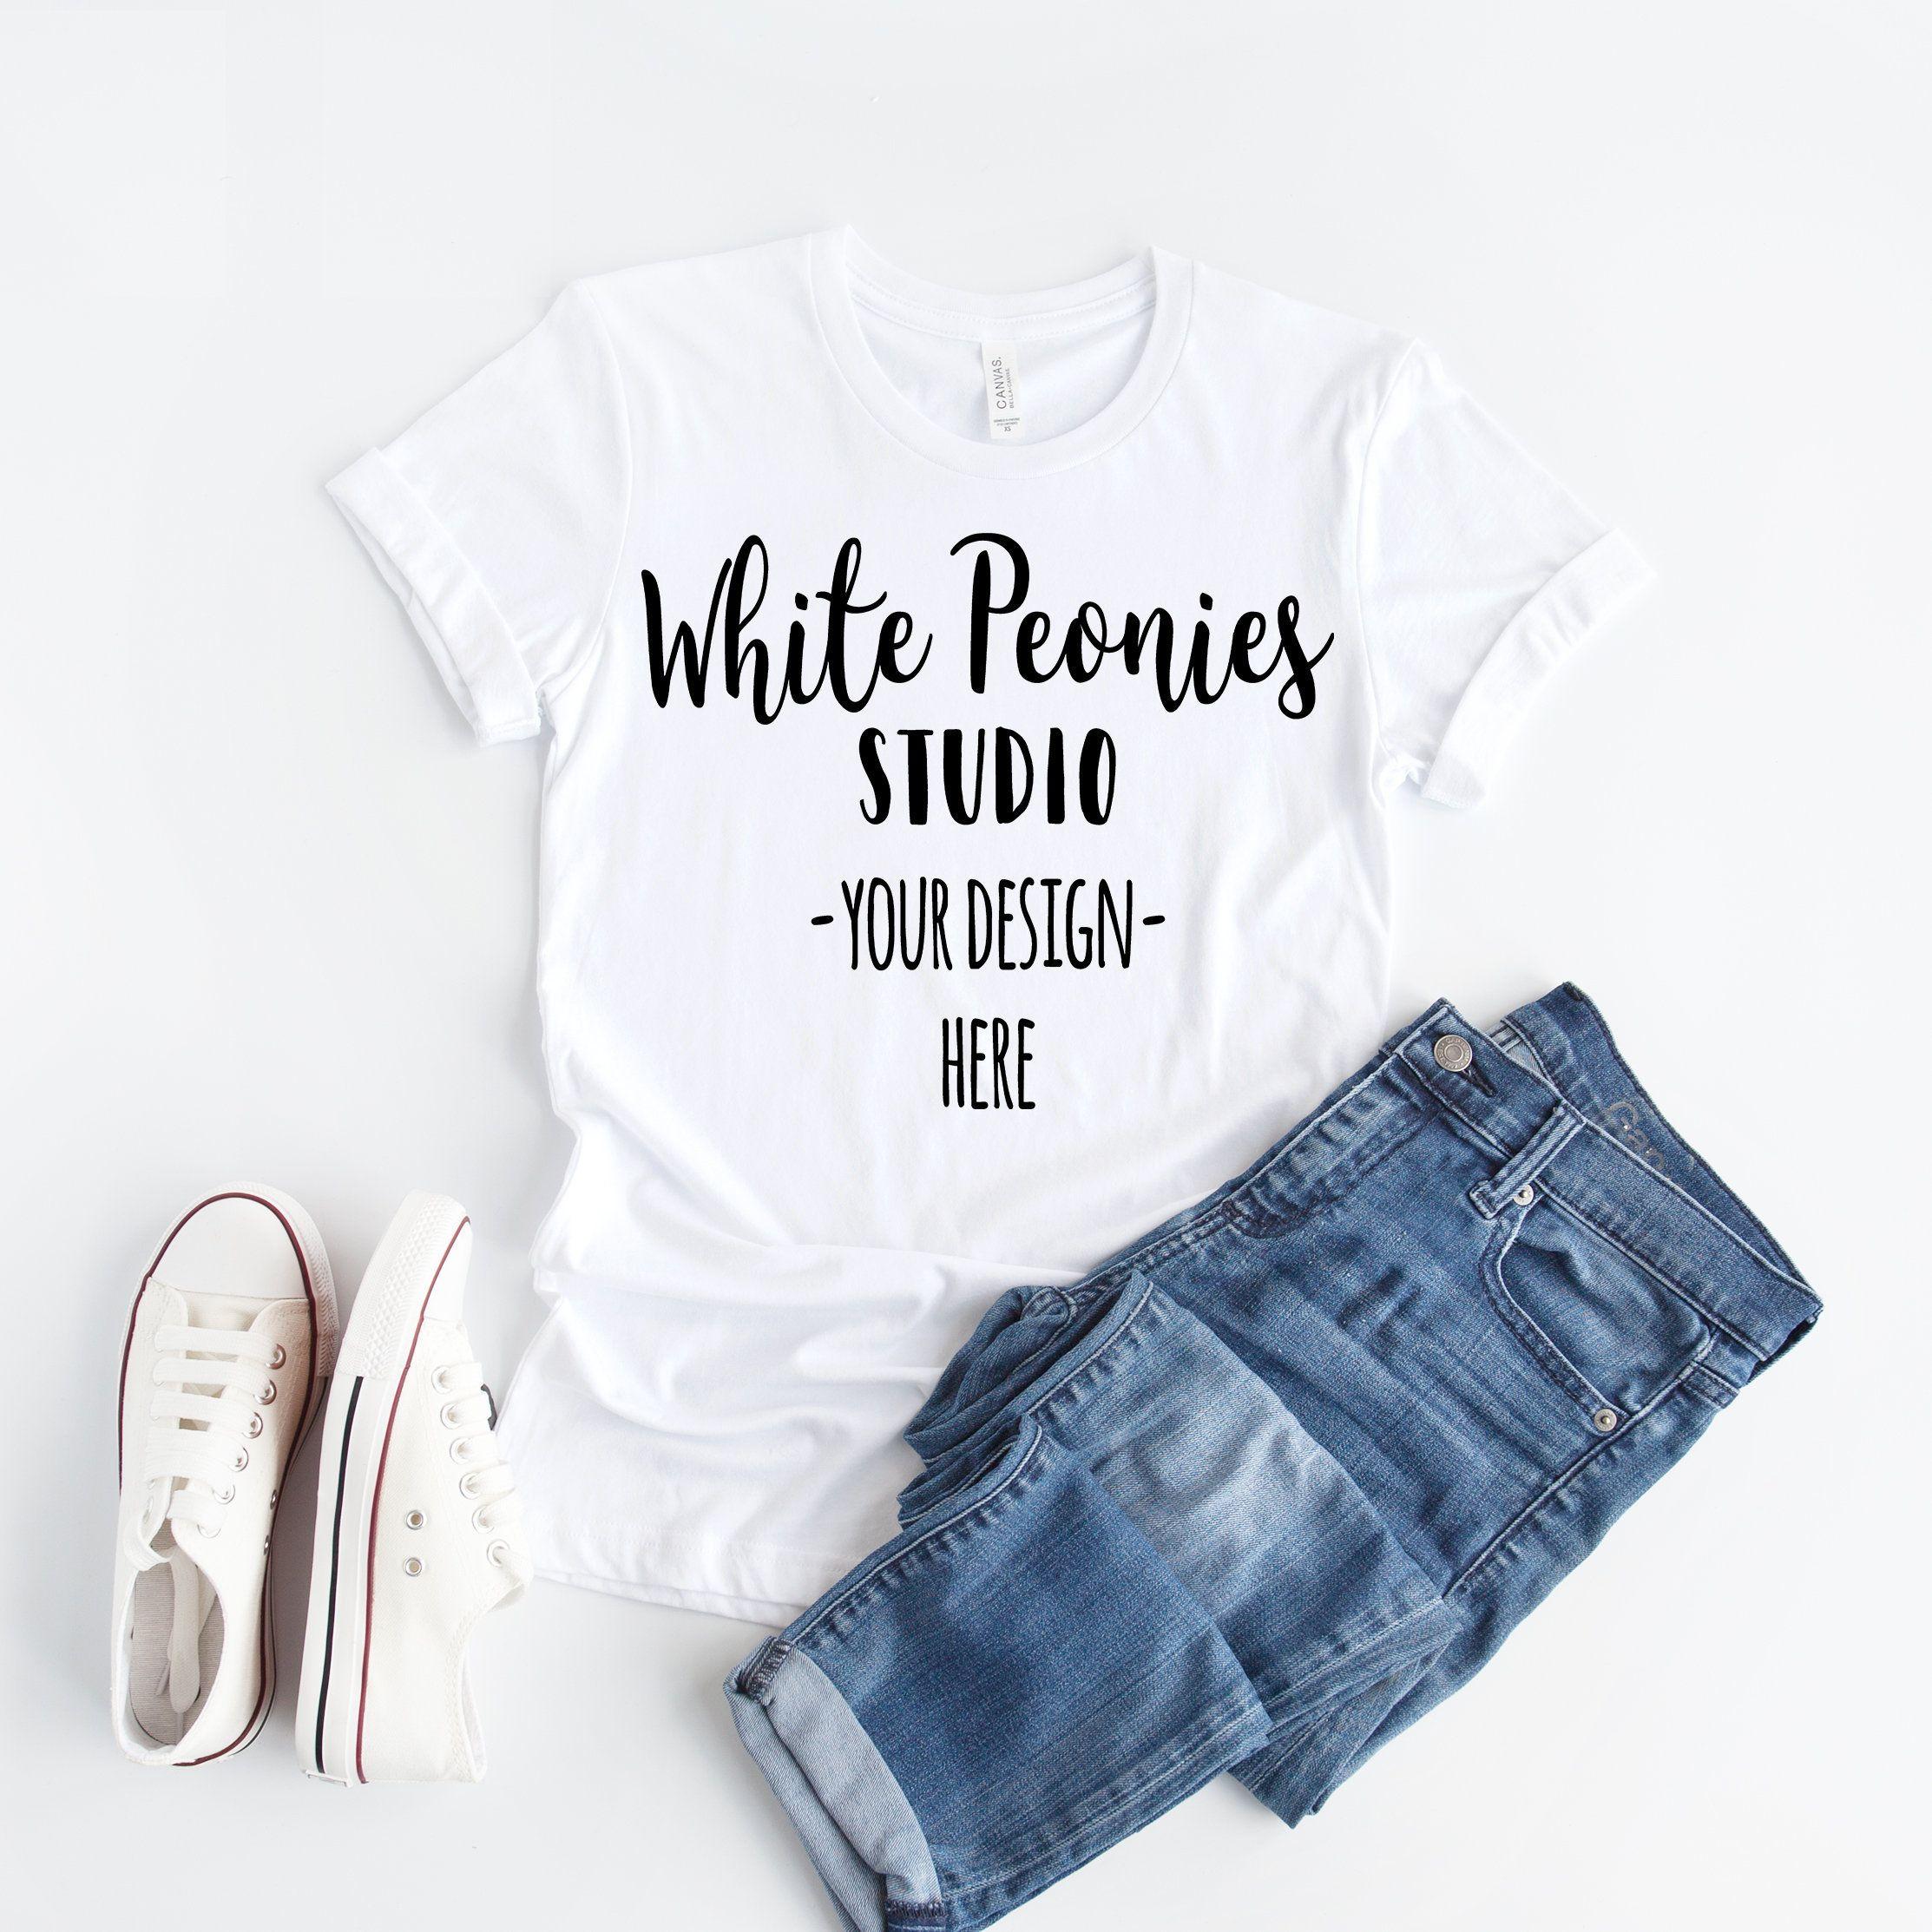 Download White Tshirt Mockup Bella Canvas Mockup Shirt Mockup T Shirt Mockup Bc 3001 Unisex Shirt Mockup Bella Canvas Tshirt Template Shirt Mockup Tshirt Mockup Clothing Mockup